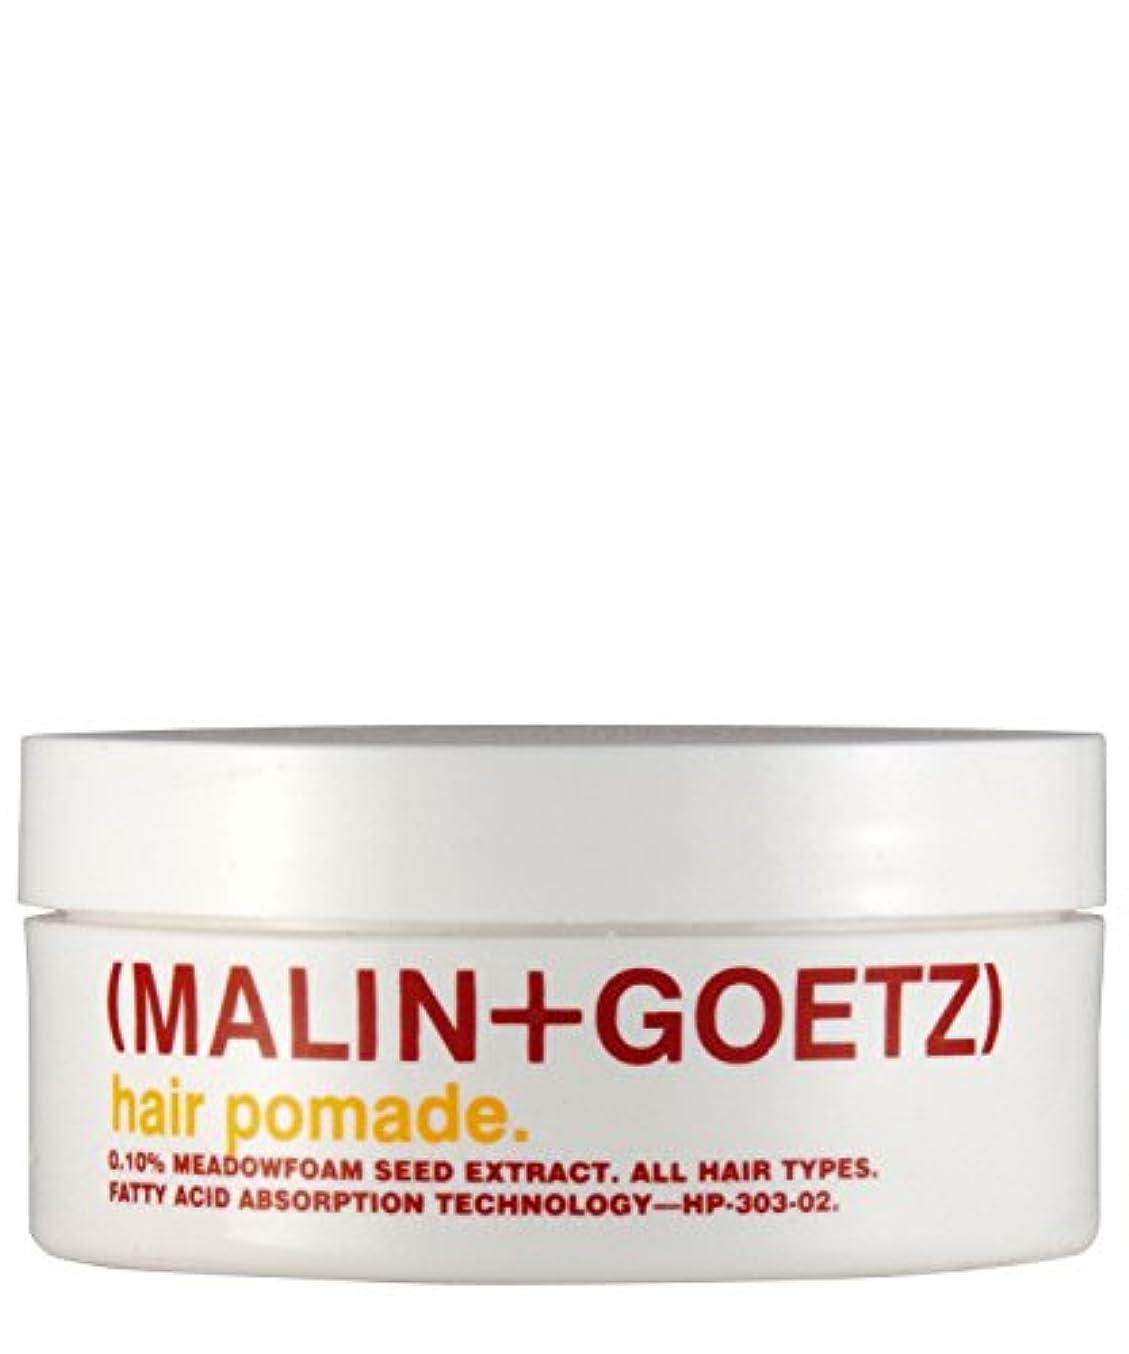 オープナー直面するアウトドアMALIN+GOETZ Hair Pomade, Malin+Goetz - マリン+ゲッツヘアポマード、マリン+ゲッツ [並行輸入品]